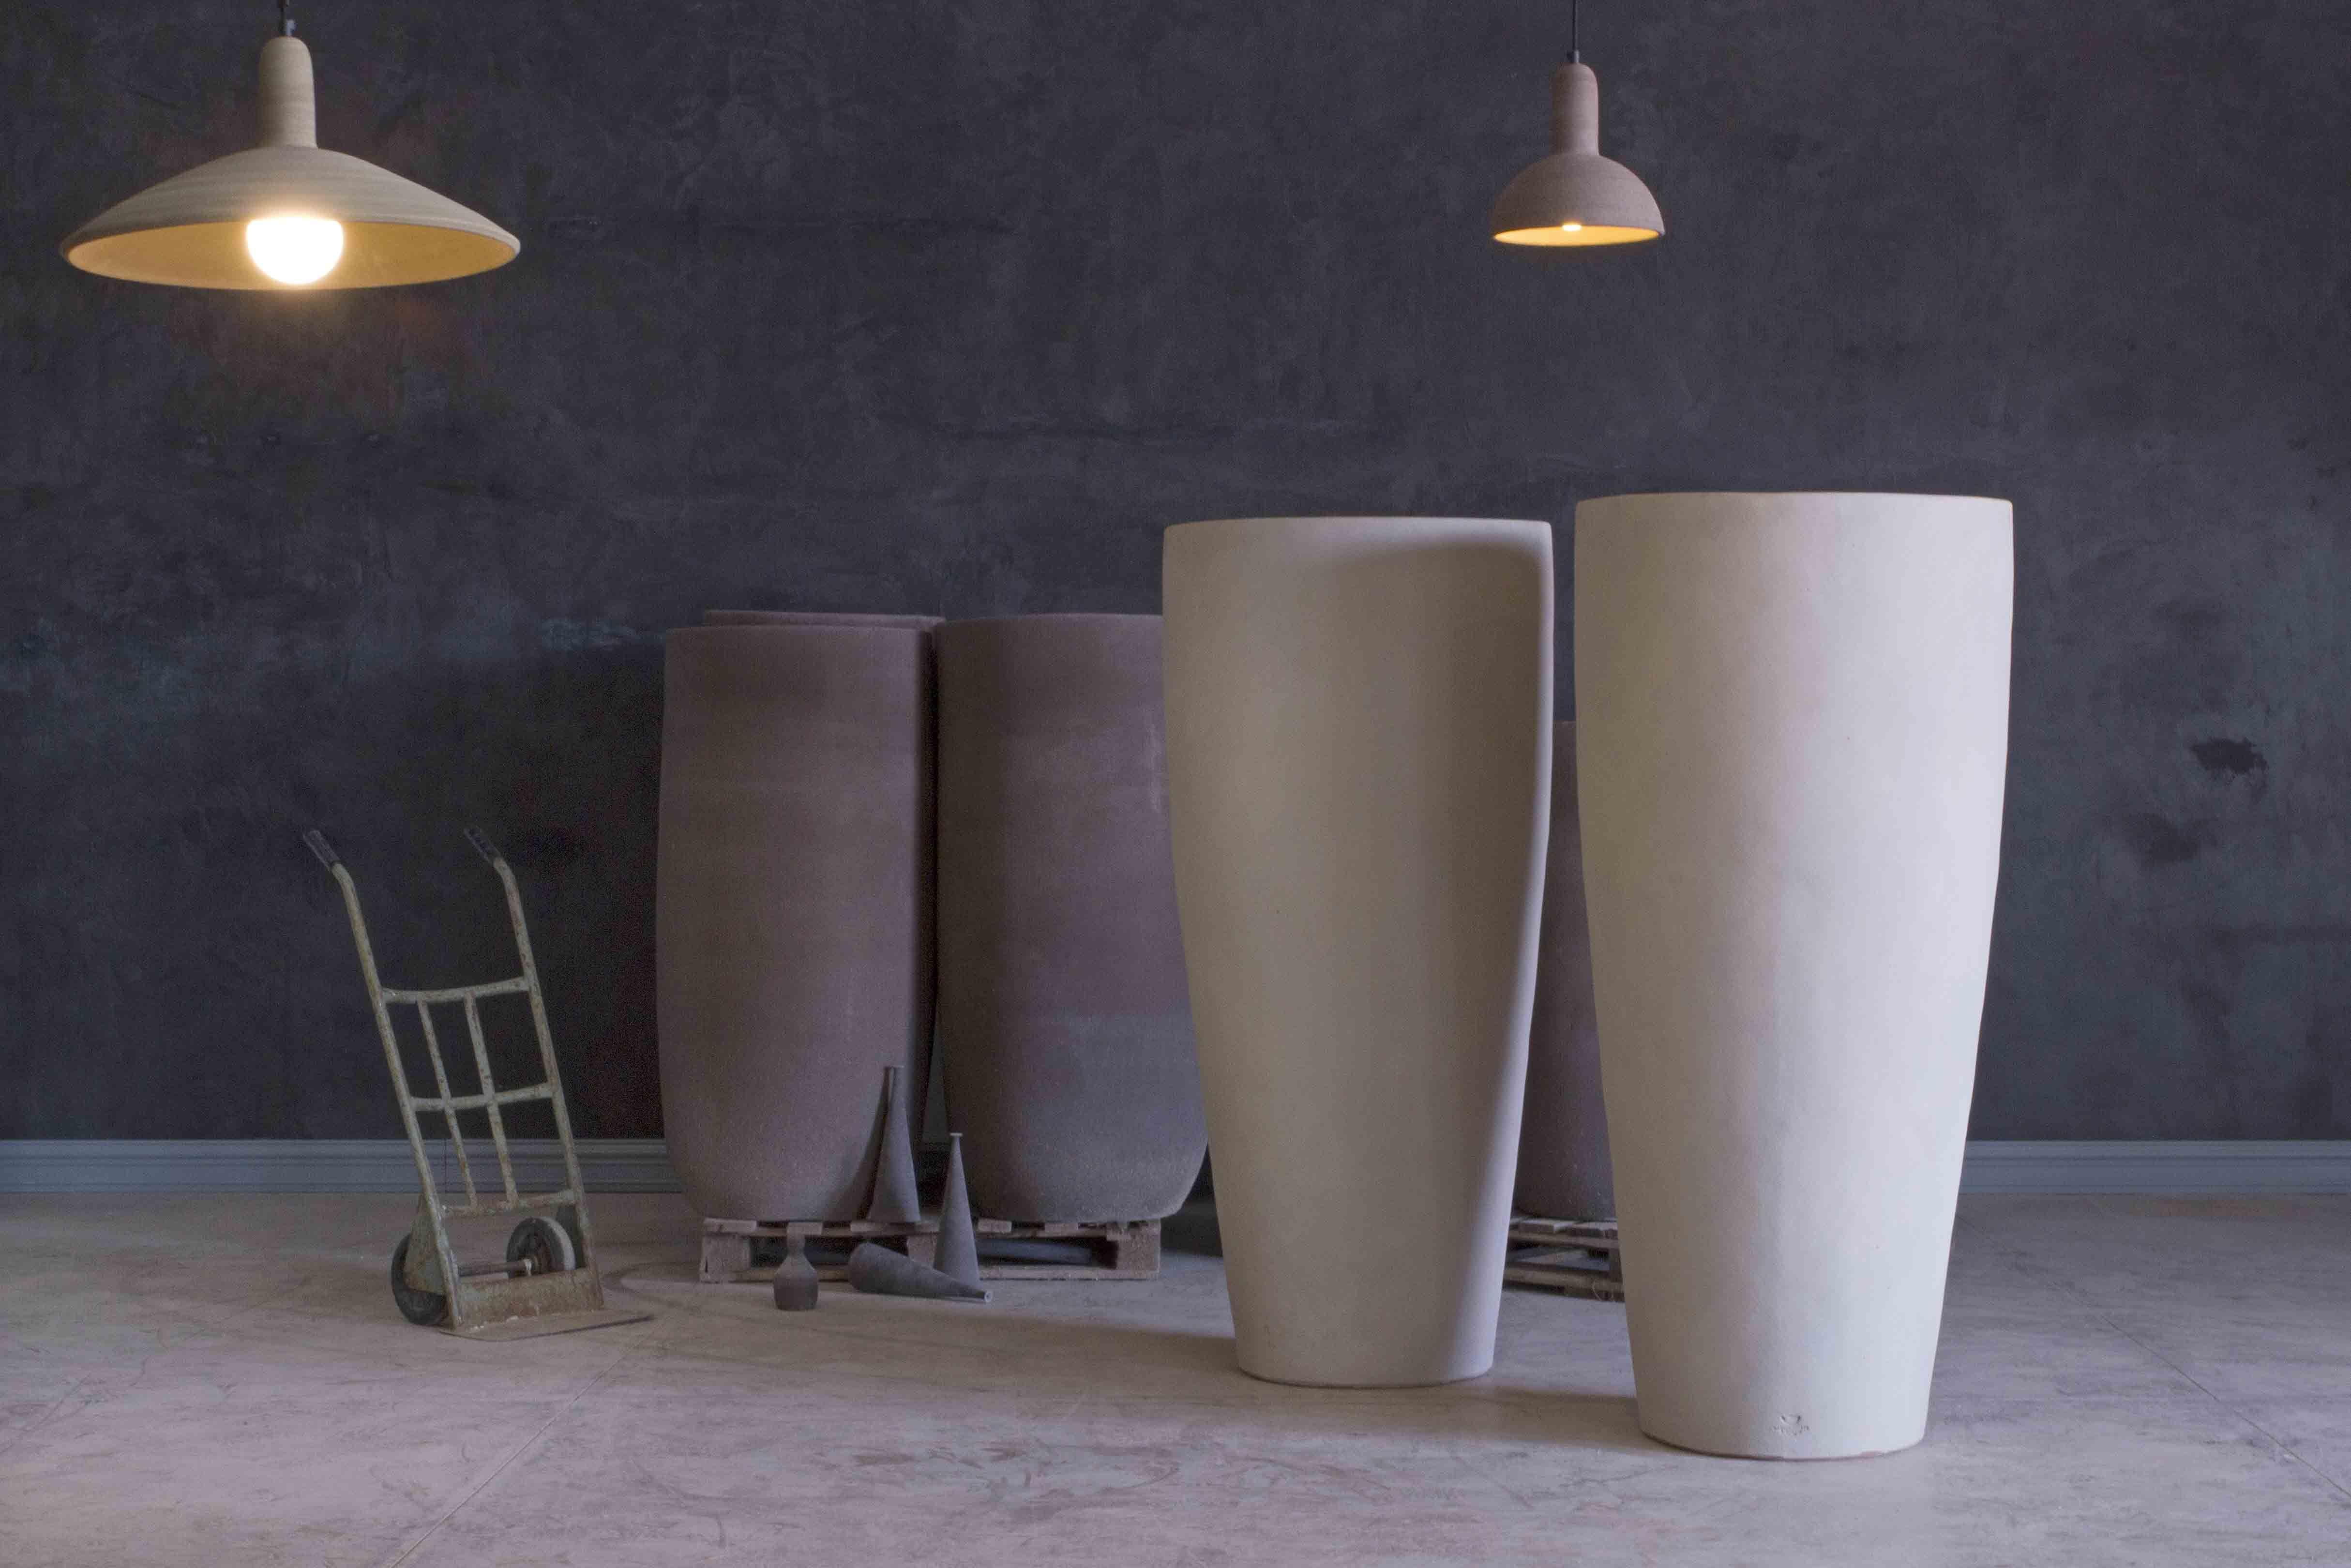 Vasi Interno Grandi Dimensioni pin su vaso niko laboratorio san rocco